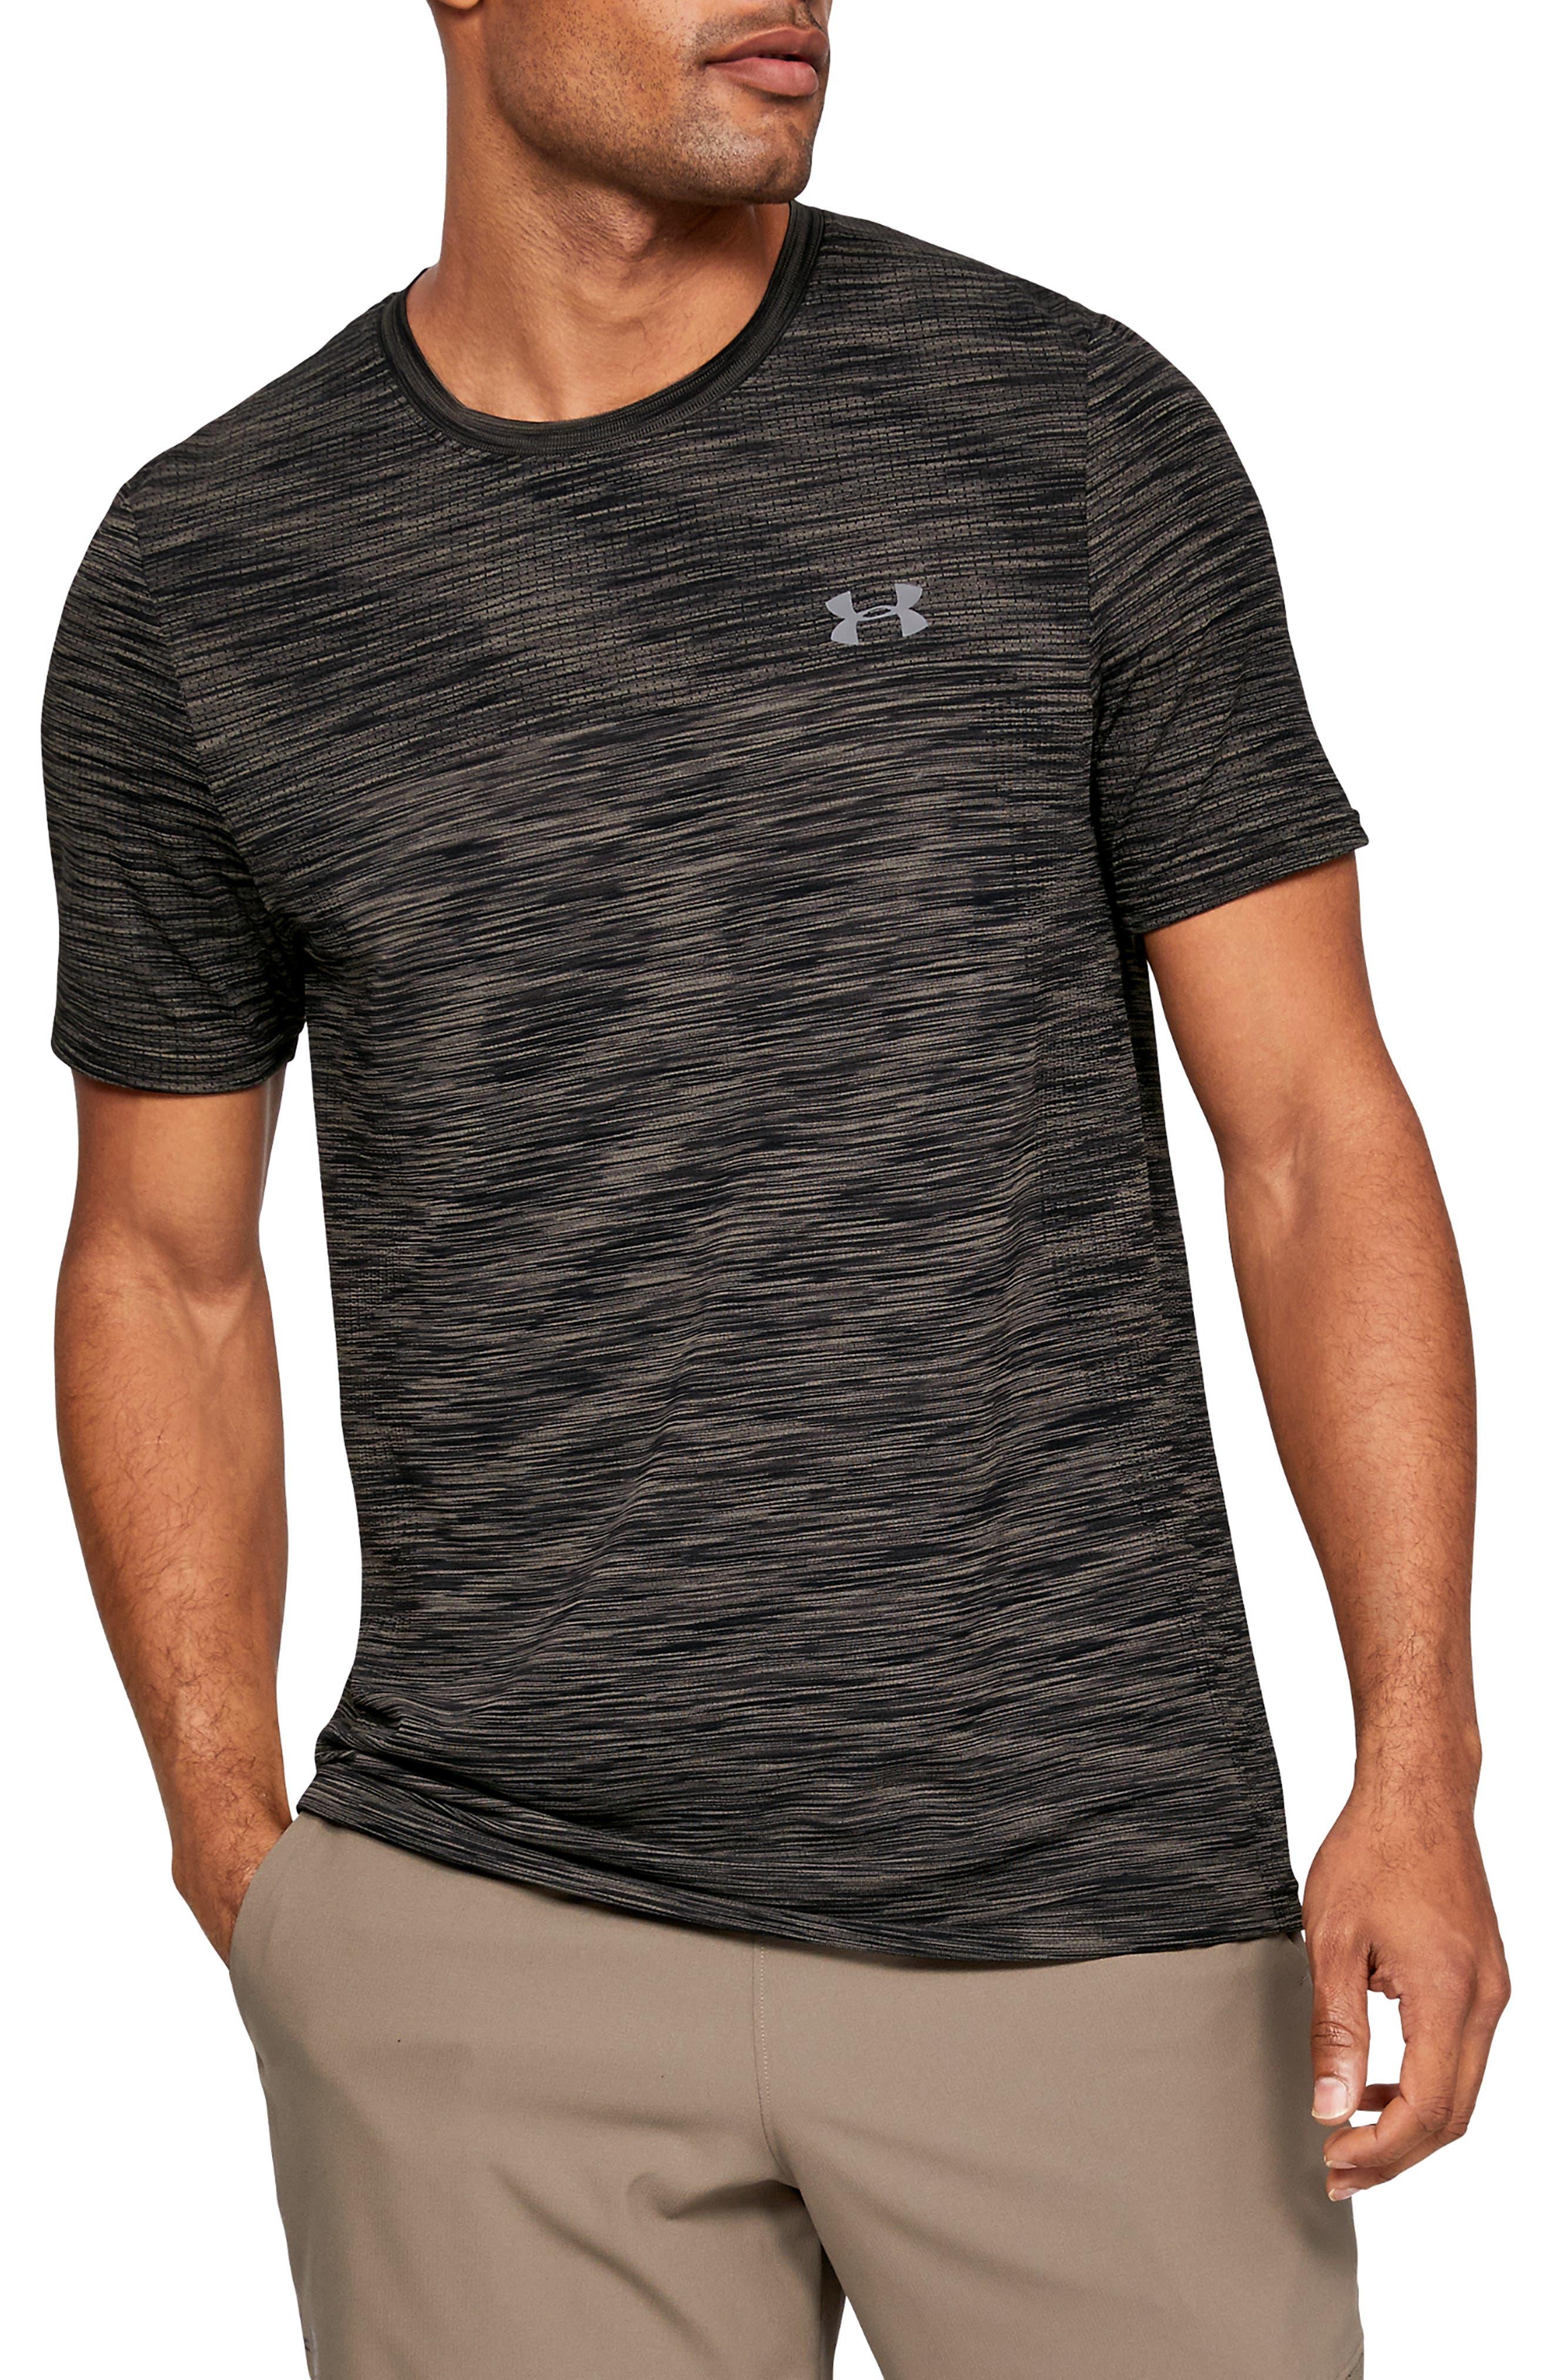 87b4a2f47 under armour shirt